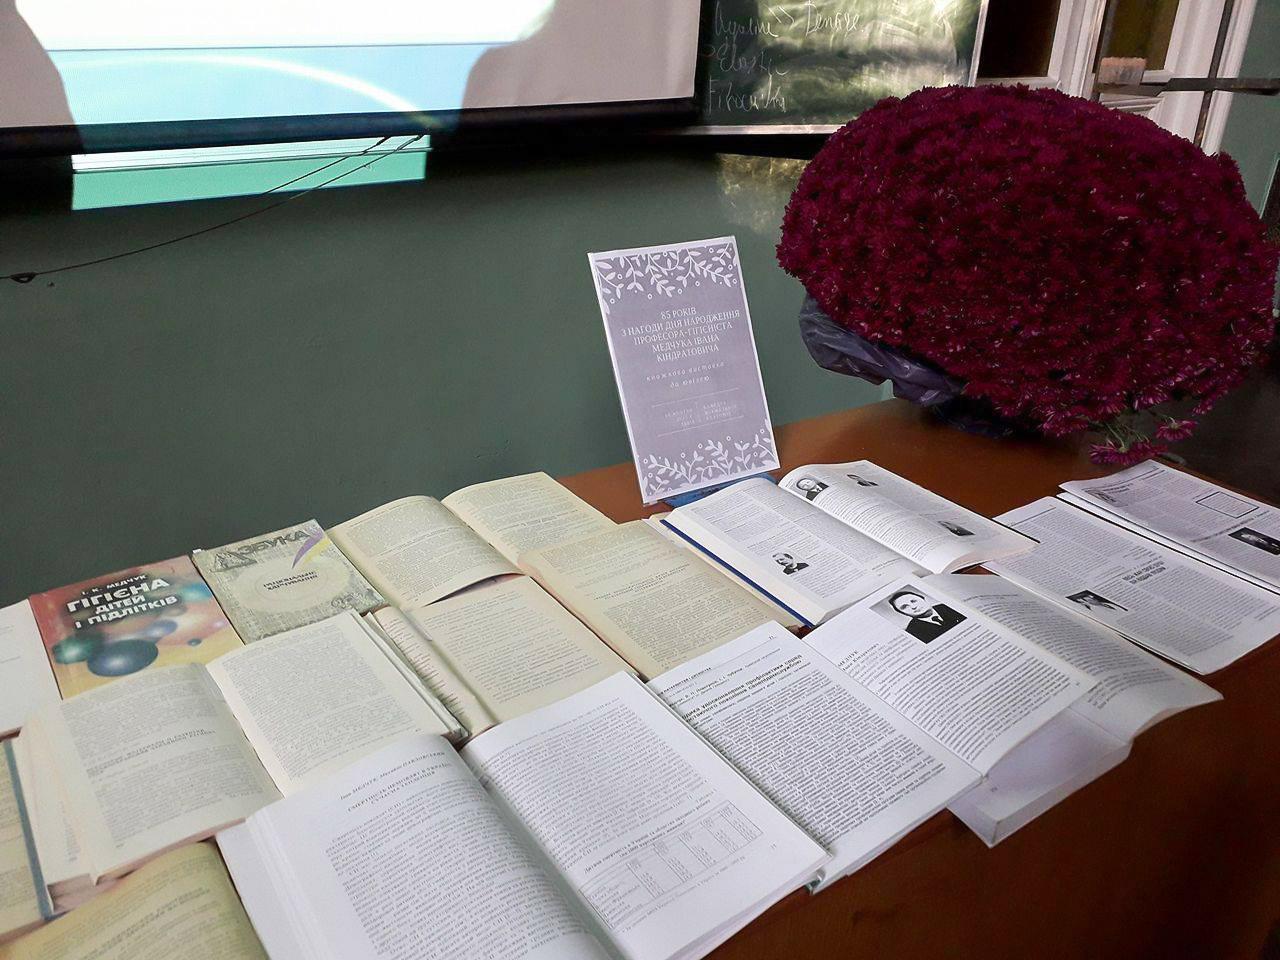 Фрагмент книжкової виставки, присвяченої 85-річчю професора Медчука Івана Кіндратовича